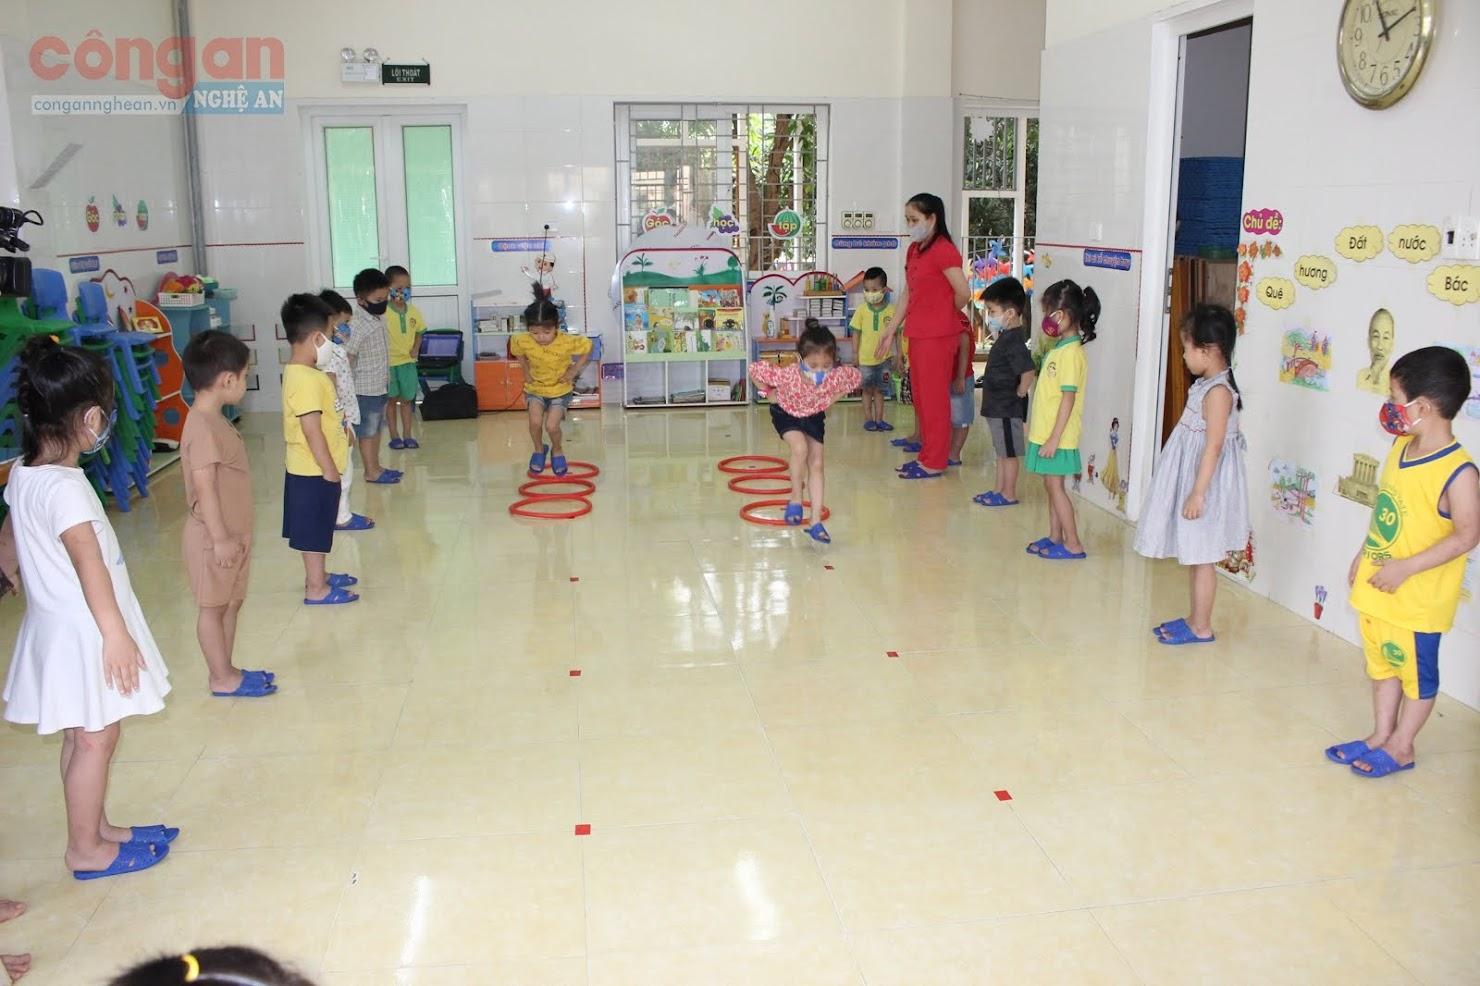 Tuy nhiên, việc giãn cách học sinh trên gặp không ít khó khăn khi không gian vui chơi cho các bé bị thu hẹp lại